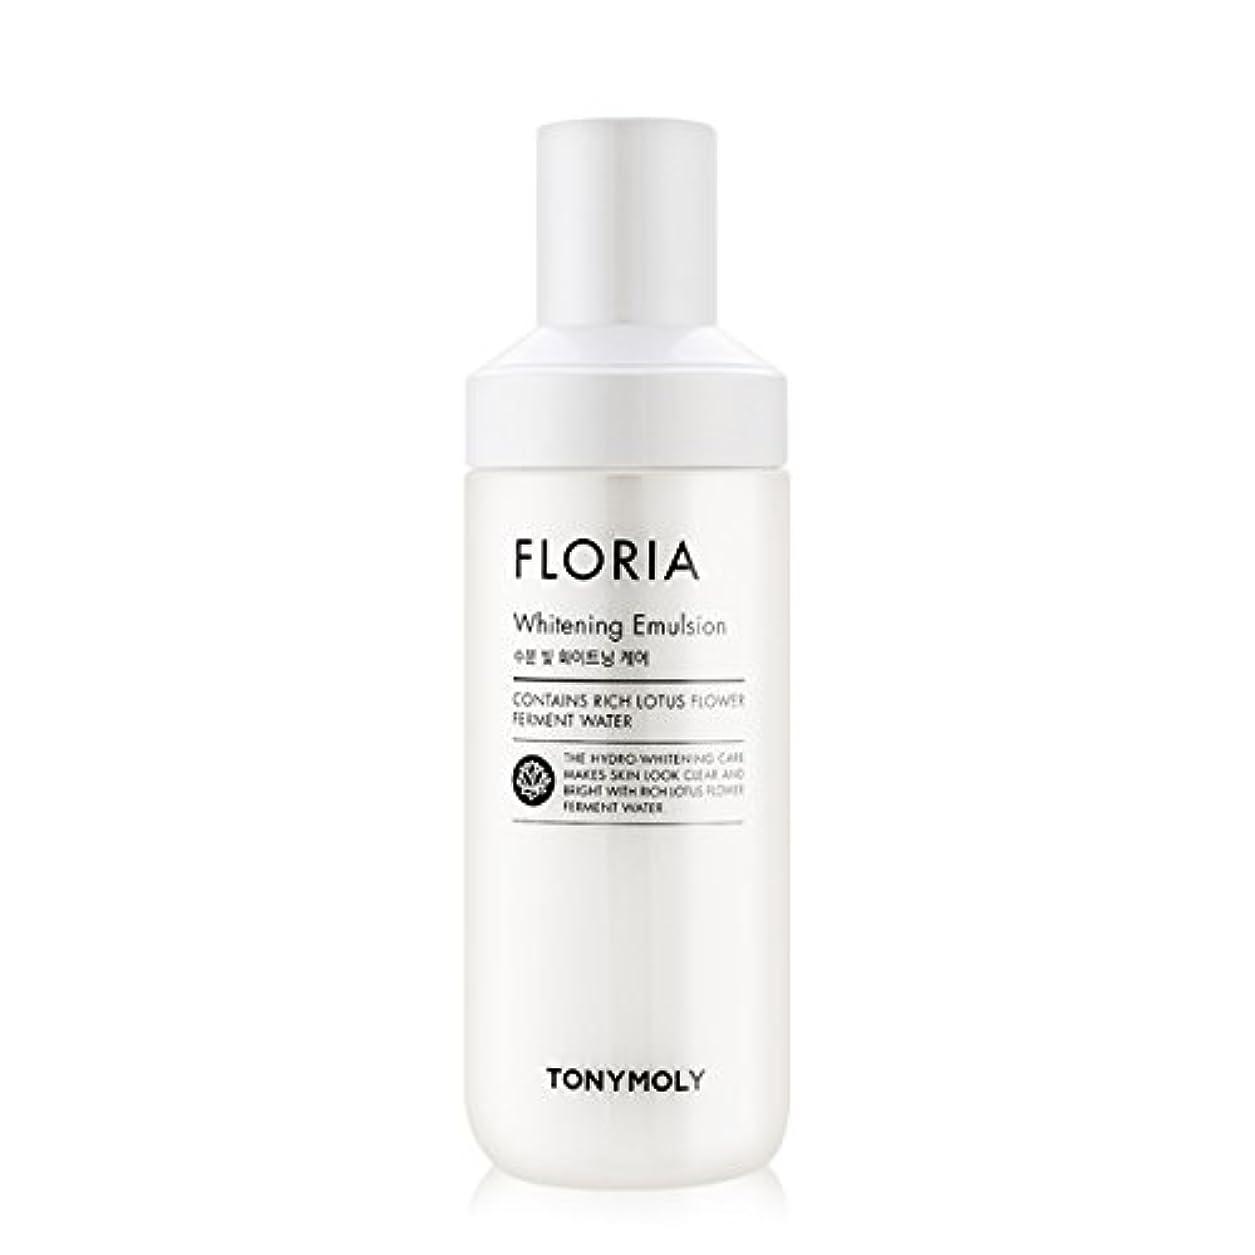 強打摩擦論理的に[2016 New] TONYMOLY Floria Whitening Emulsion 160ml/トニーモリー フロリア ホワイトニング エマルジョン 160ml